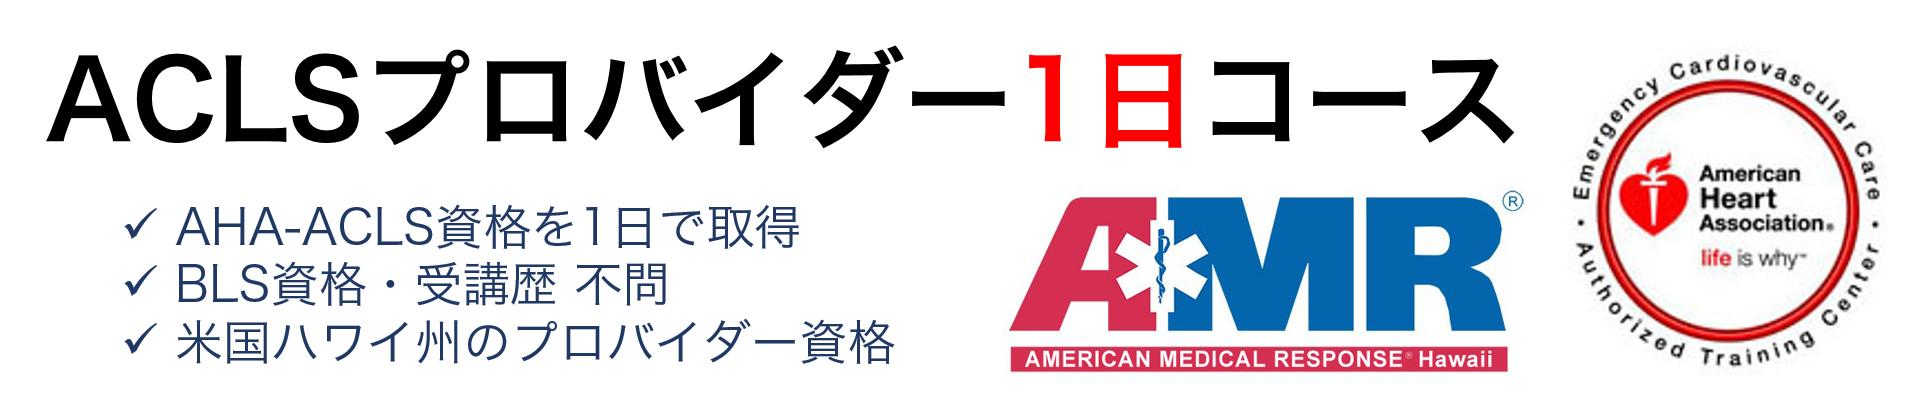 神奈川県横浜市でAHA-ACLSプロバイダー1日コースを開催。一日でACLS受講/資格取得。